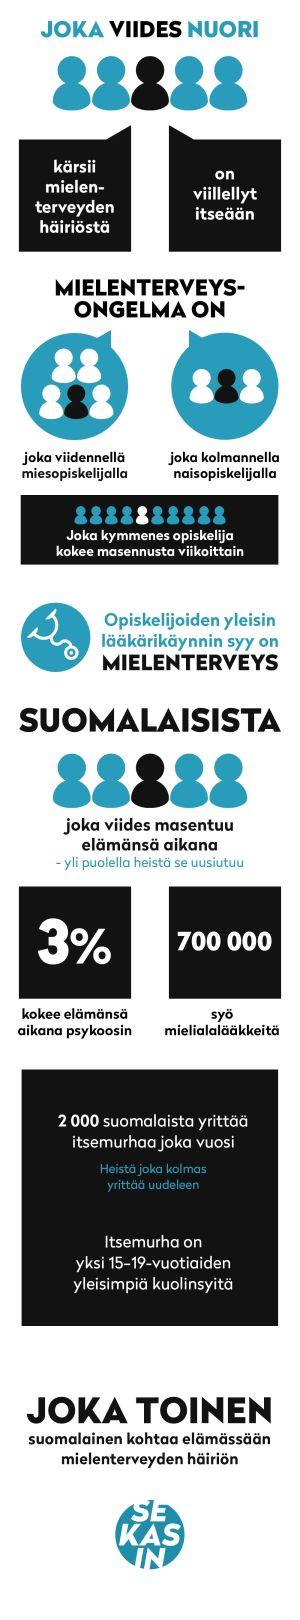 Infografiikka: Mielenterevyden yleisyys